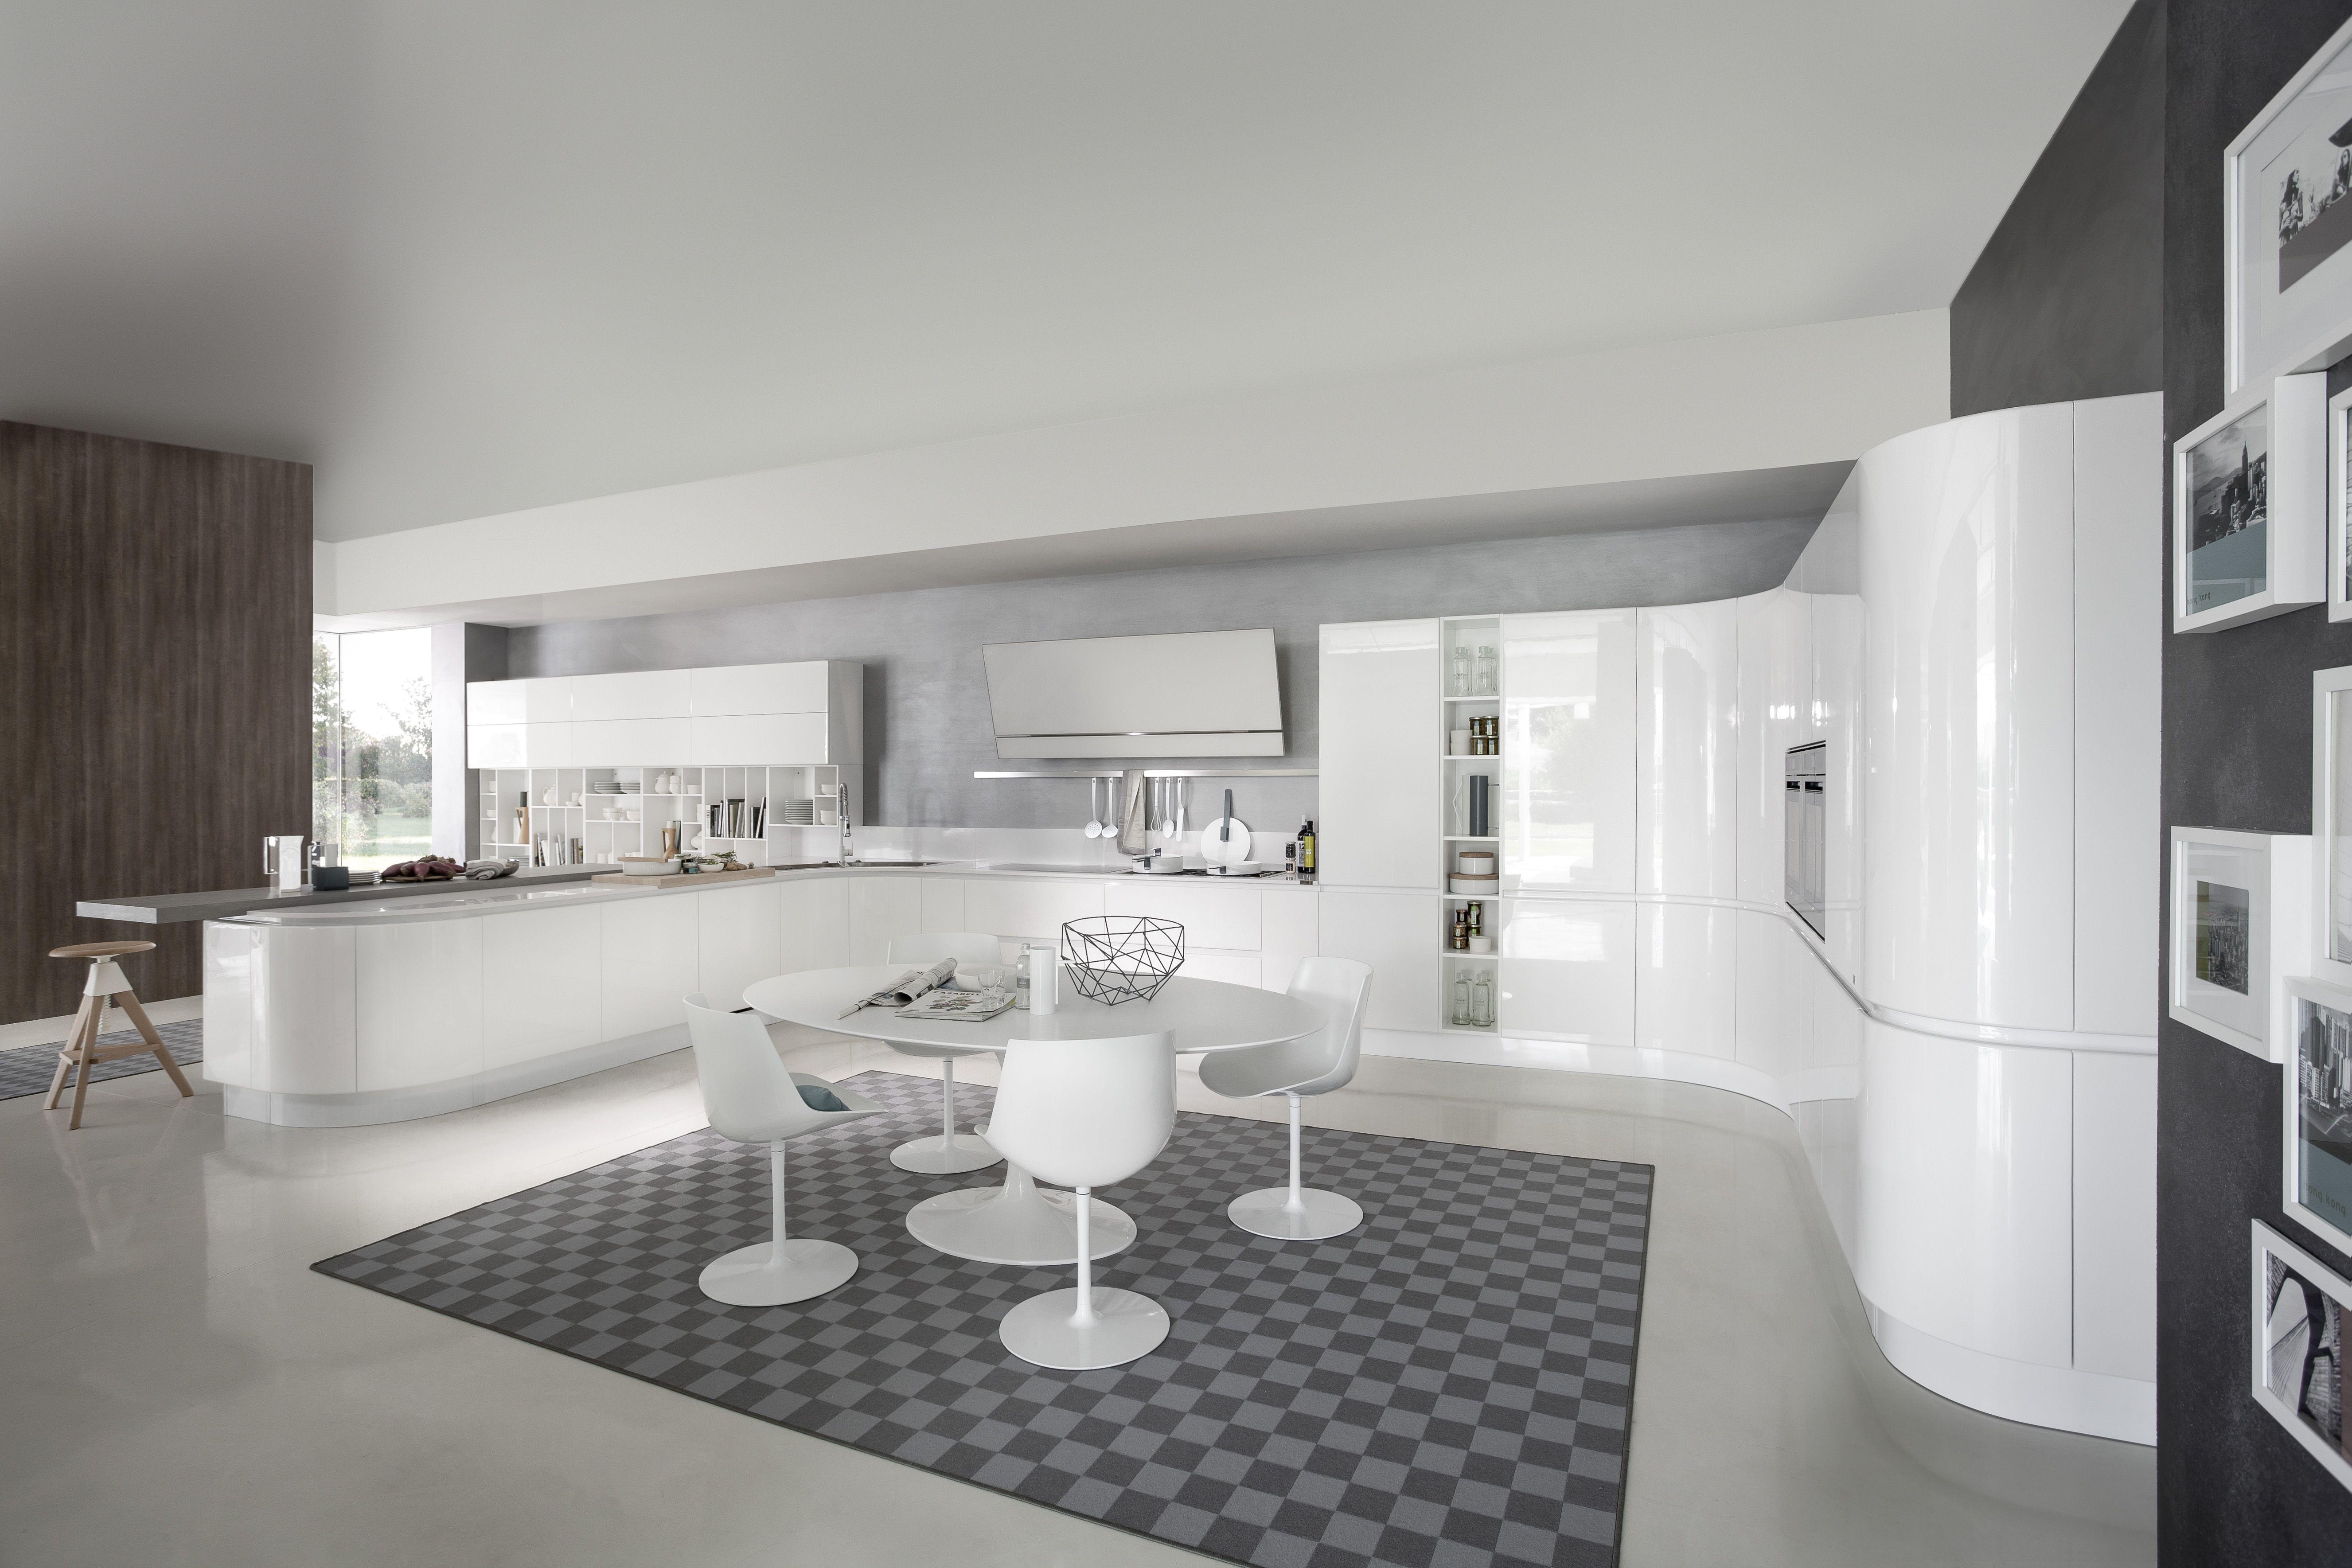 Artika Italian Kitchen Design Classic Kitchen Design Curved